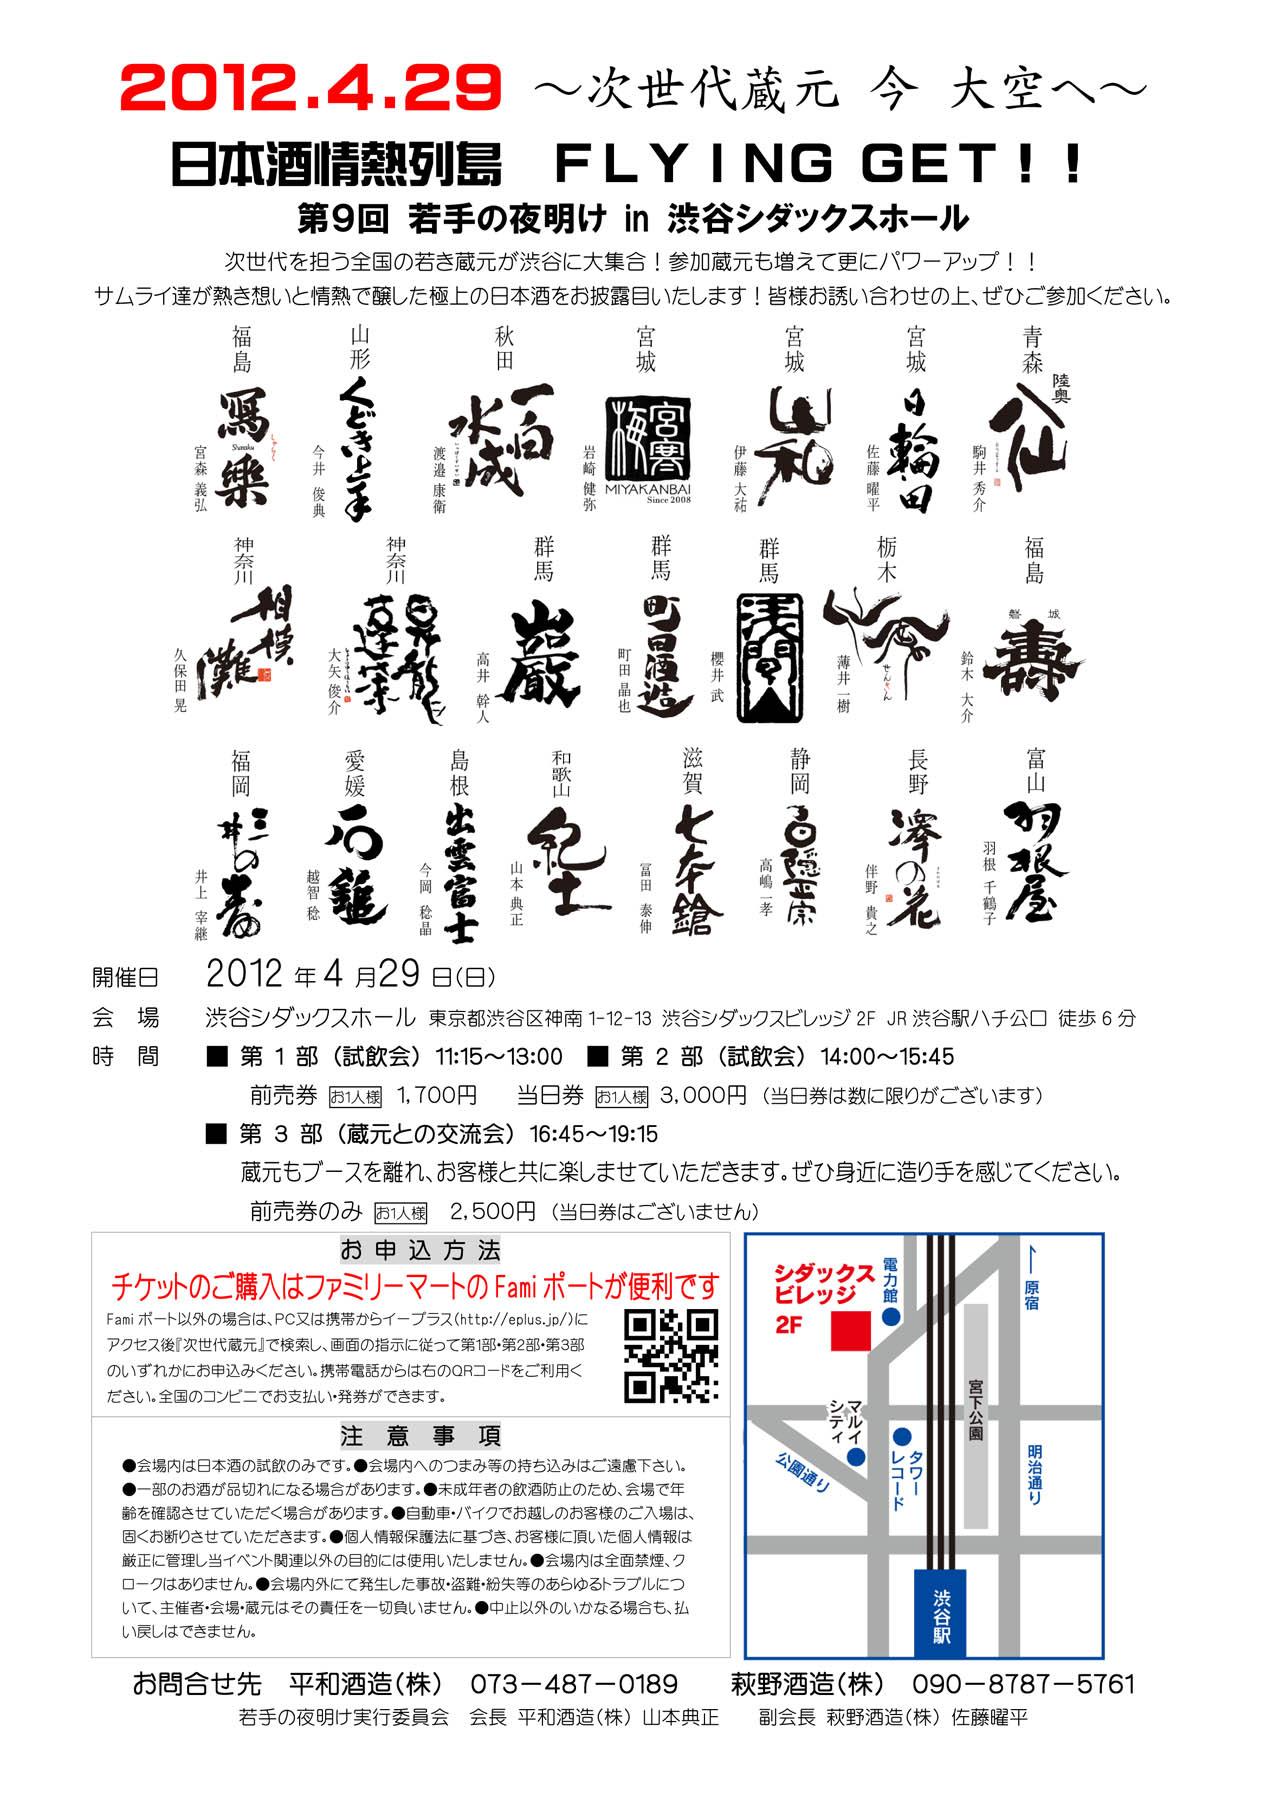 http://www.hagino-shuzou.co.jp/images/2012%E6%B8%8B%E8%B0%B7%E3%83%81%E3%83%A9%E3%82%B7.jpg